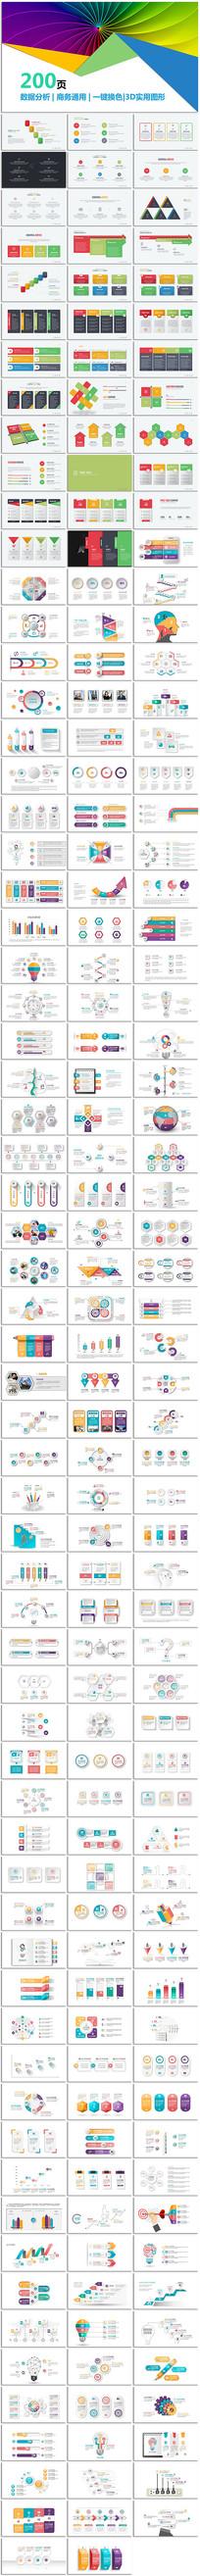 创意可视化信息数据图表PPT